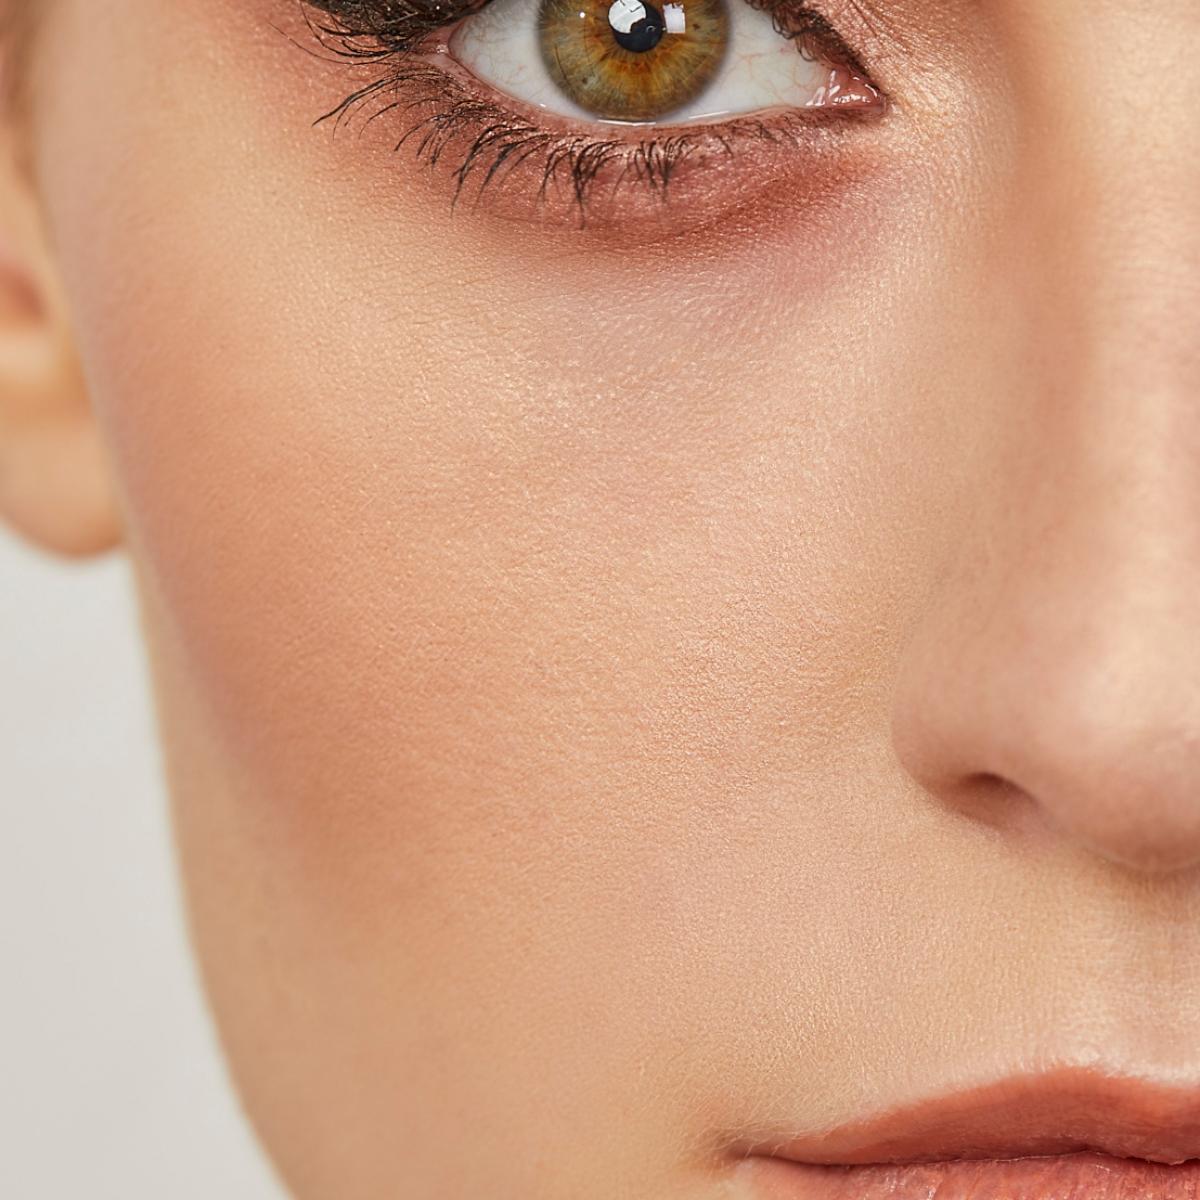 portrait ALIZEE RIEU 2019 MARWAN MOUSSA makeup artiste Natacha maillard